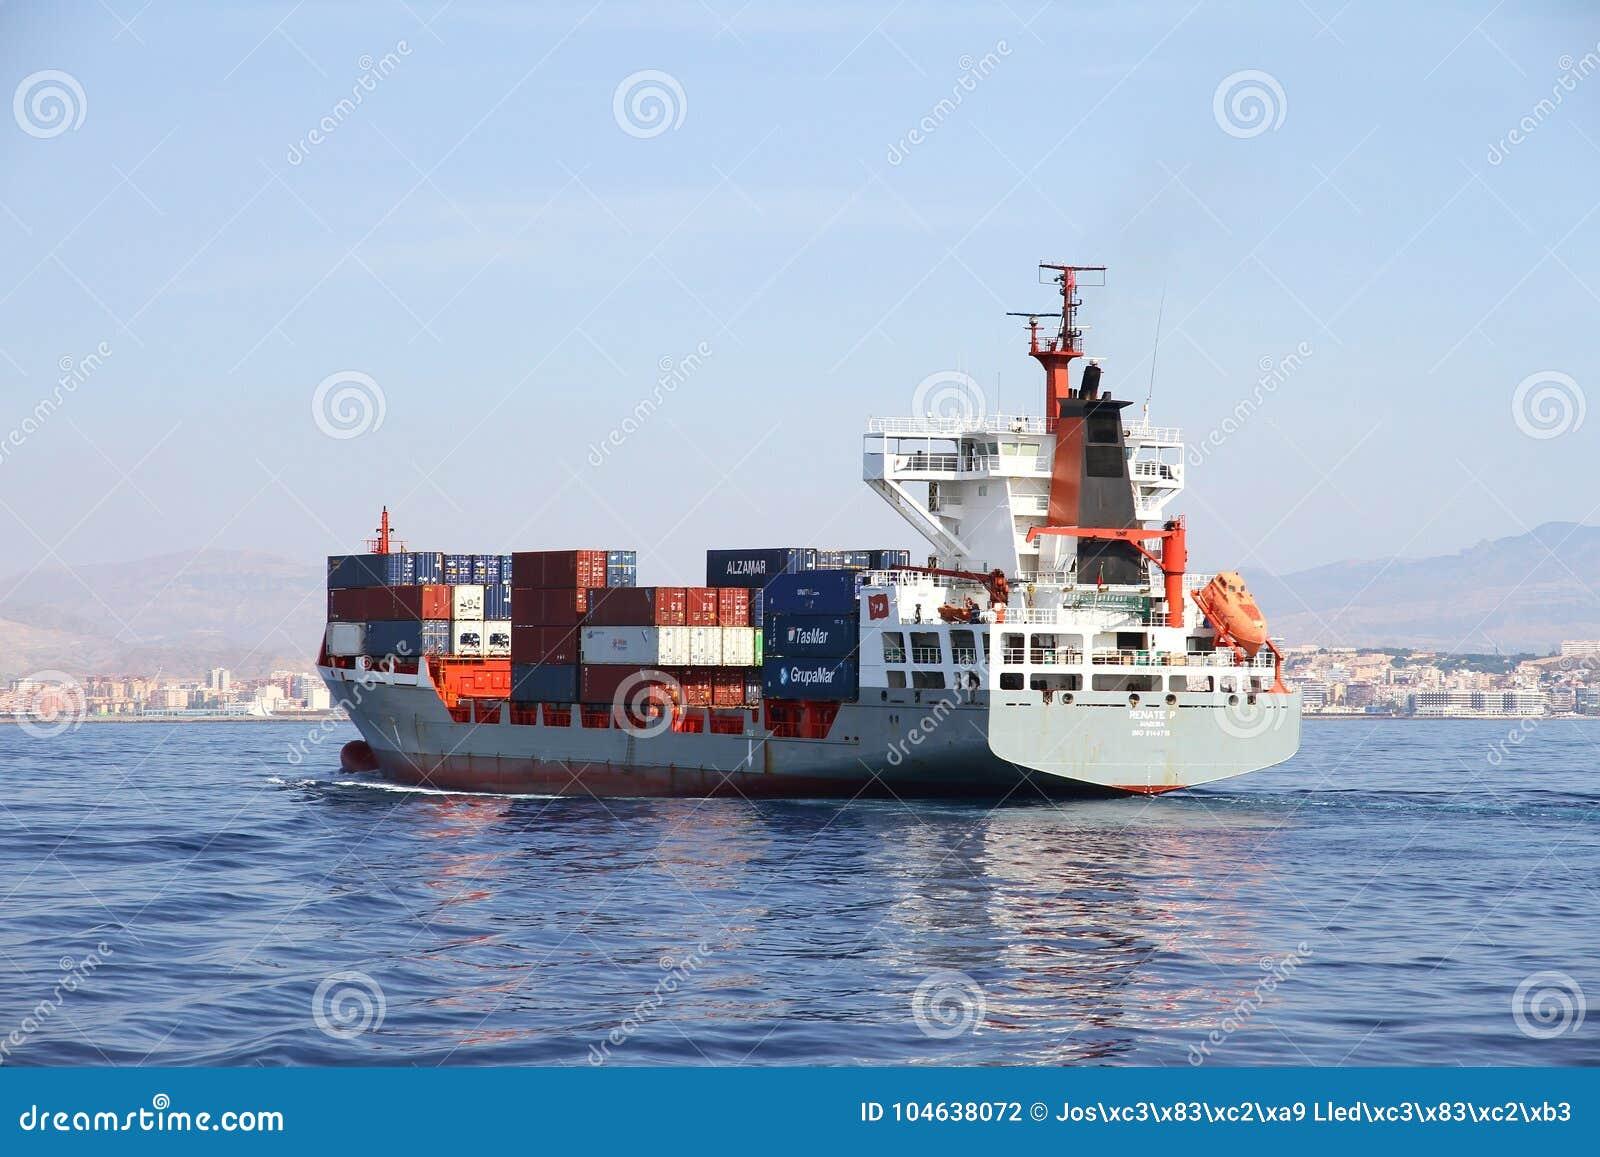 Download Middelgrote Containership Renate Die P Na De Haven Van Verlofalicante Varen Redactionele Fotografie - Afbeelding bestaande uit lading, import: 104638072